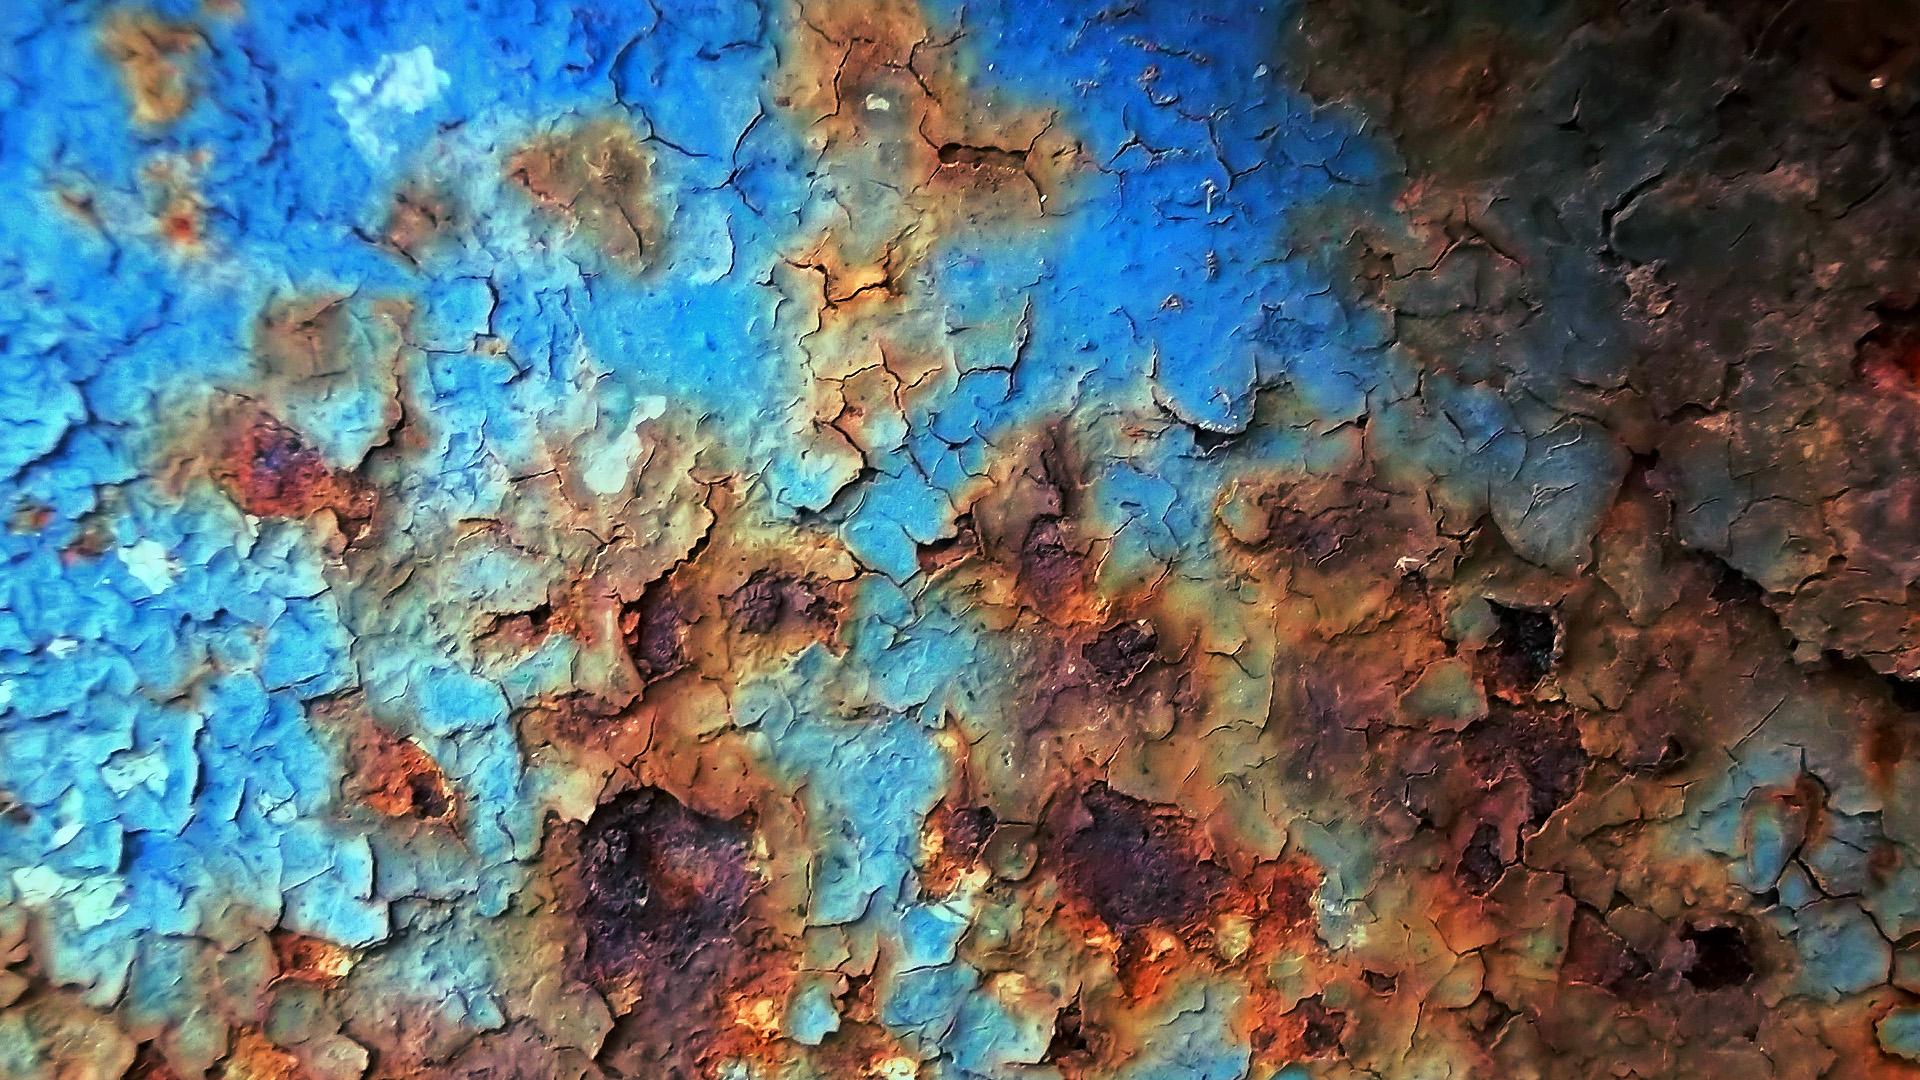 Blue-Paint-Rust-Texture.jpg